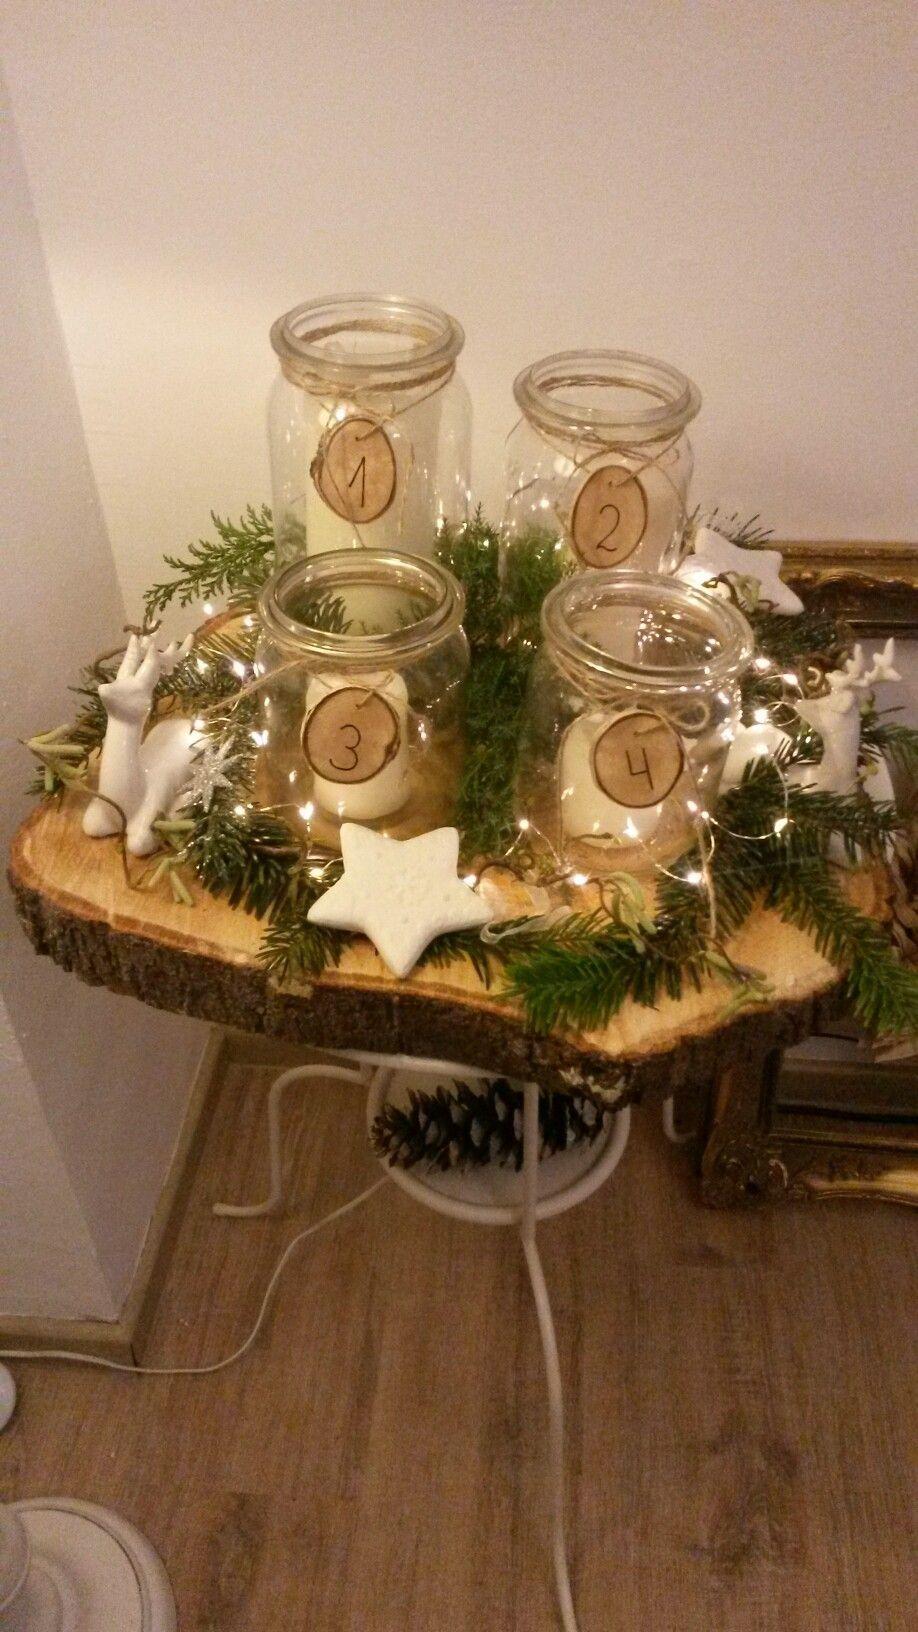 adventskranz mit gl sern und lichterkette xmas pinterest weihnachten advent und kranz. Black Bedroom Furniture Sets. Home Design Ideas